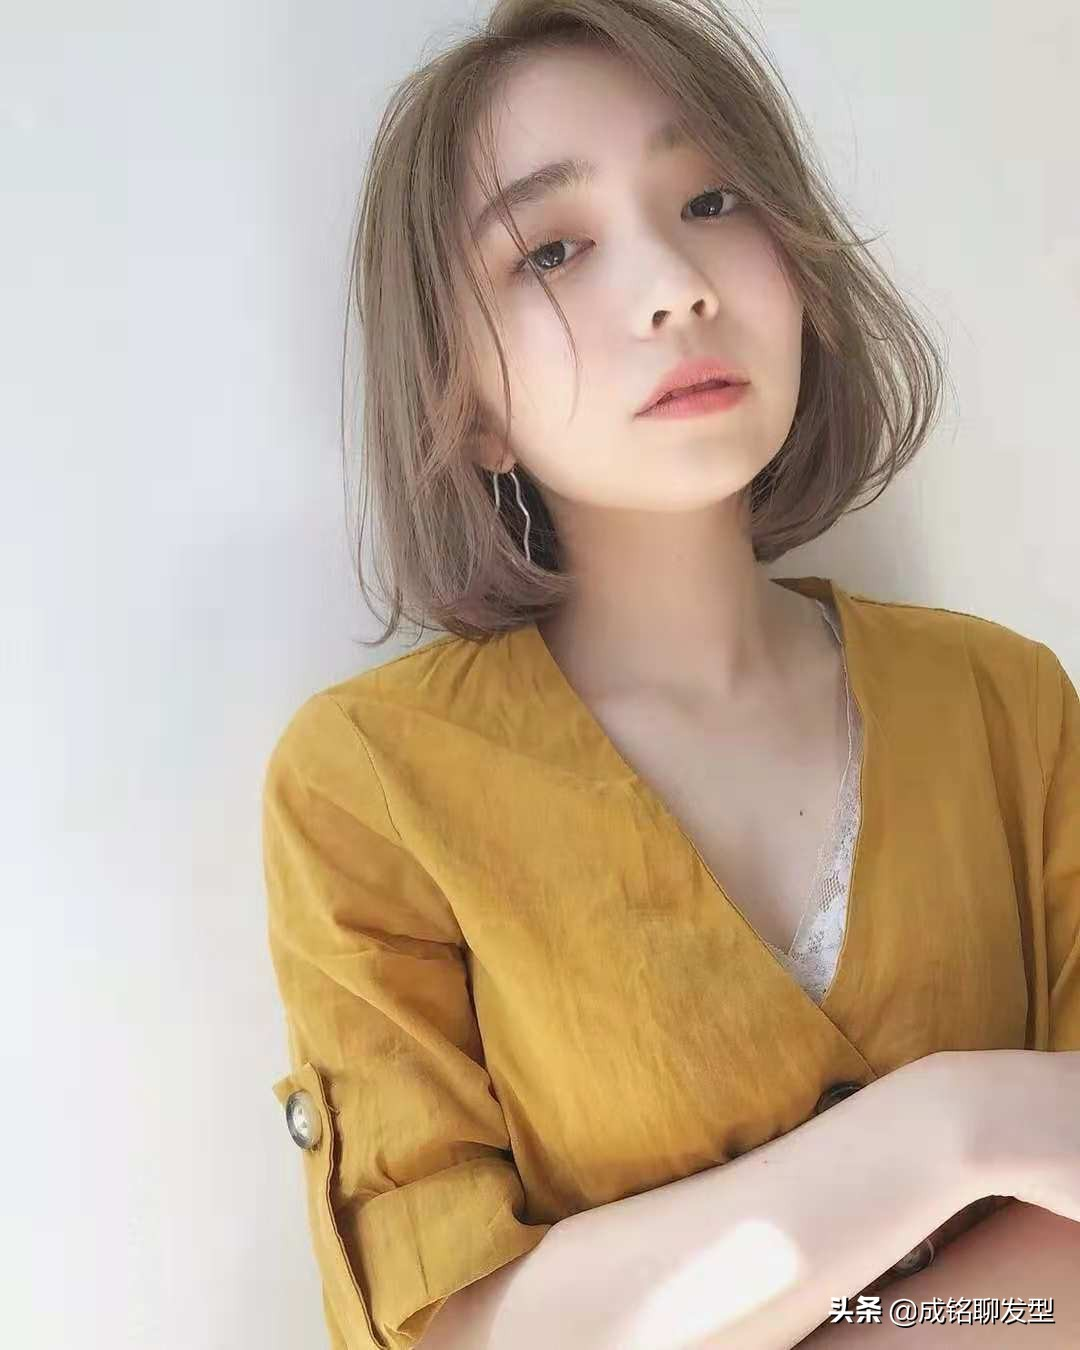 适合圆脸型女生的12款发型,简约洋气减龄还瘦脸,秒变优雅时髦精